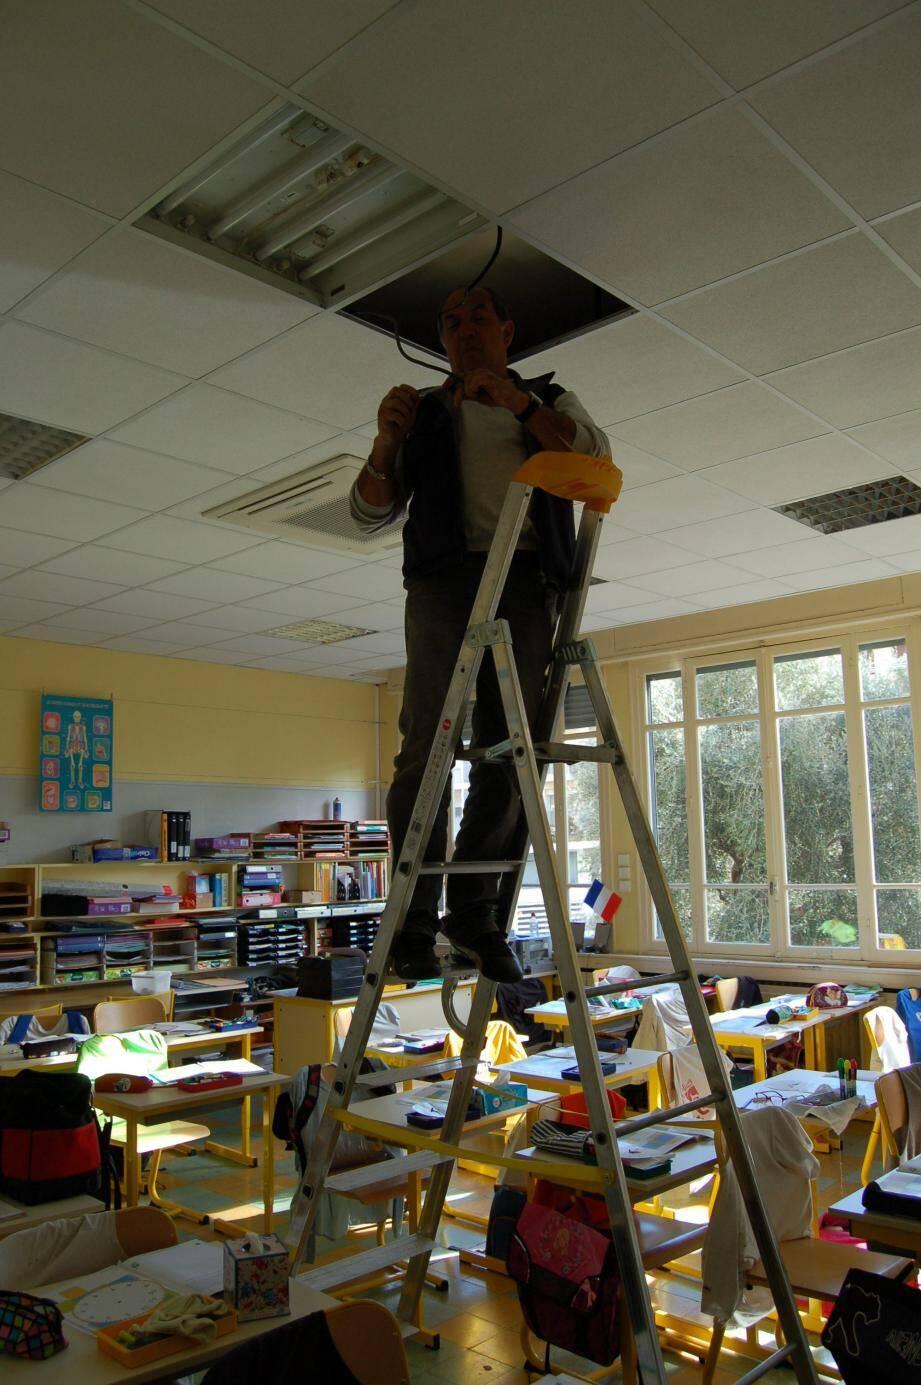 la réparation a été rapidement effectuée au plafond de la salle de classe.